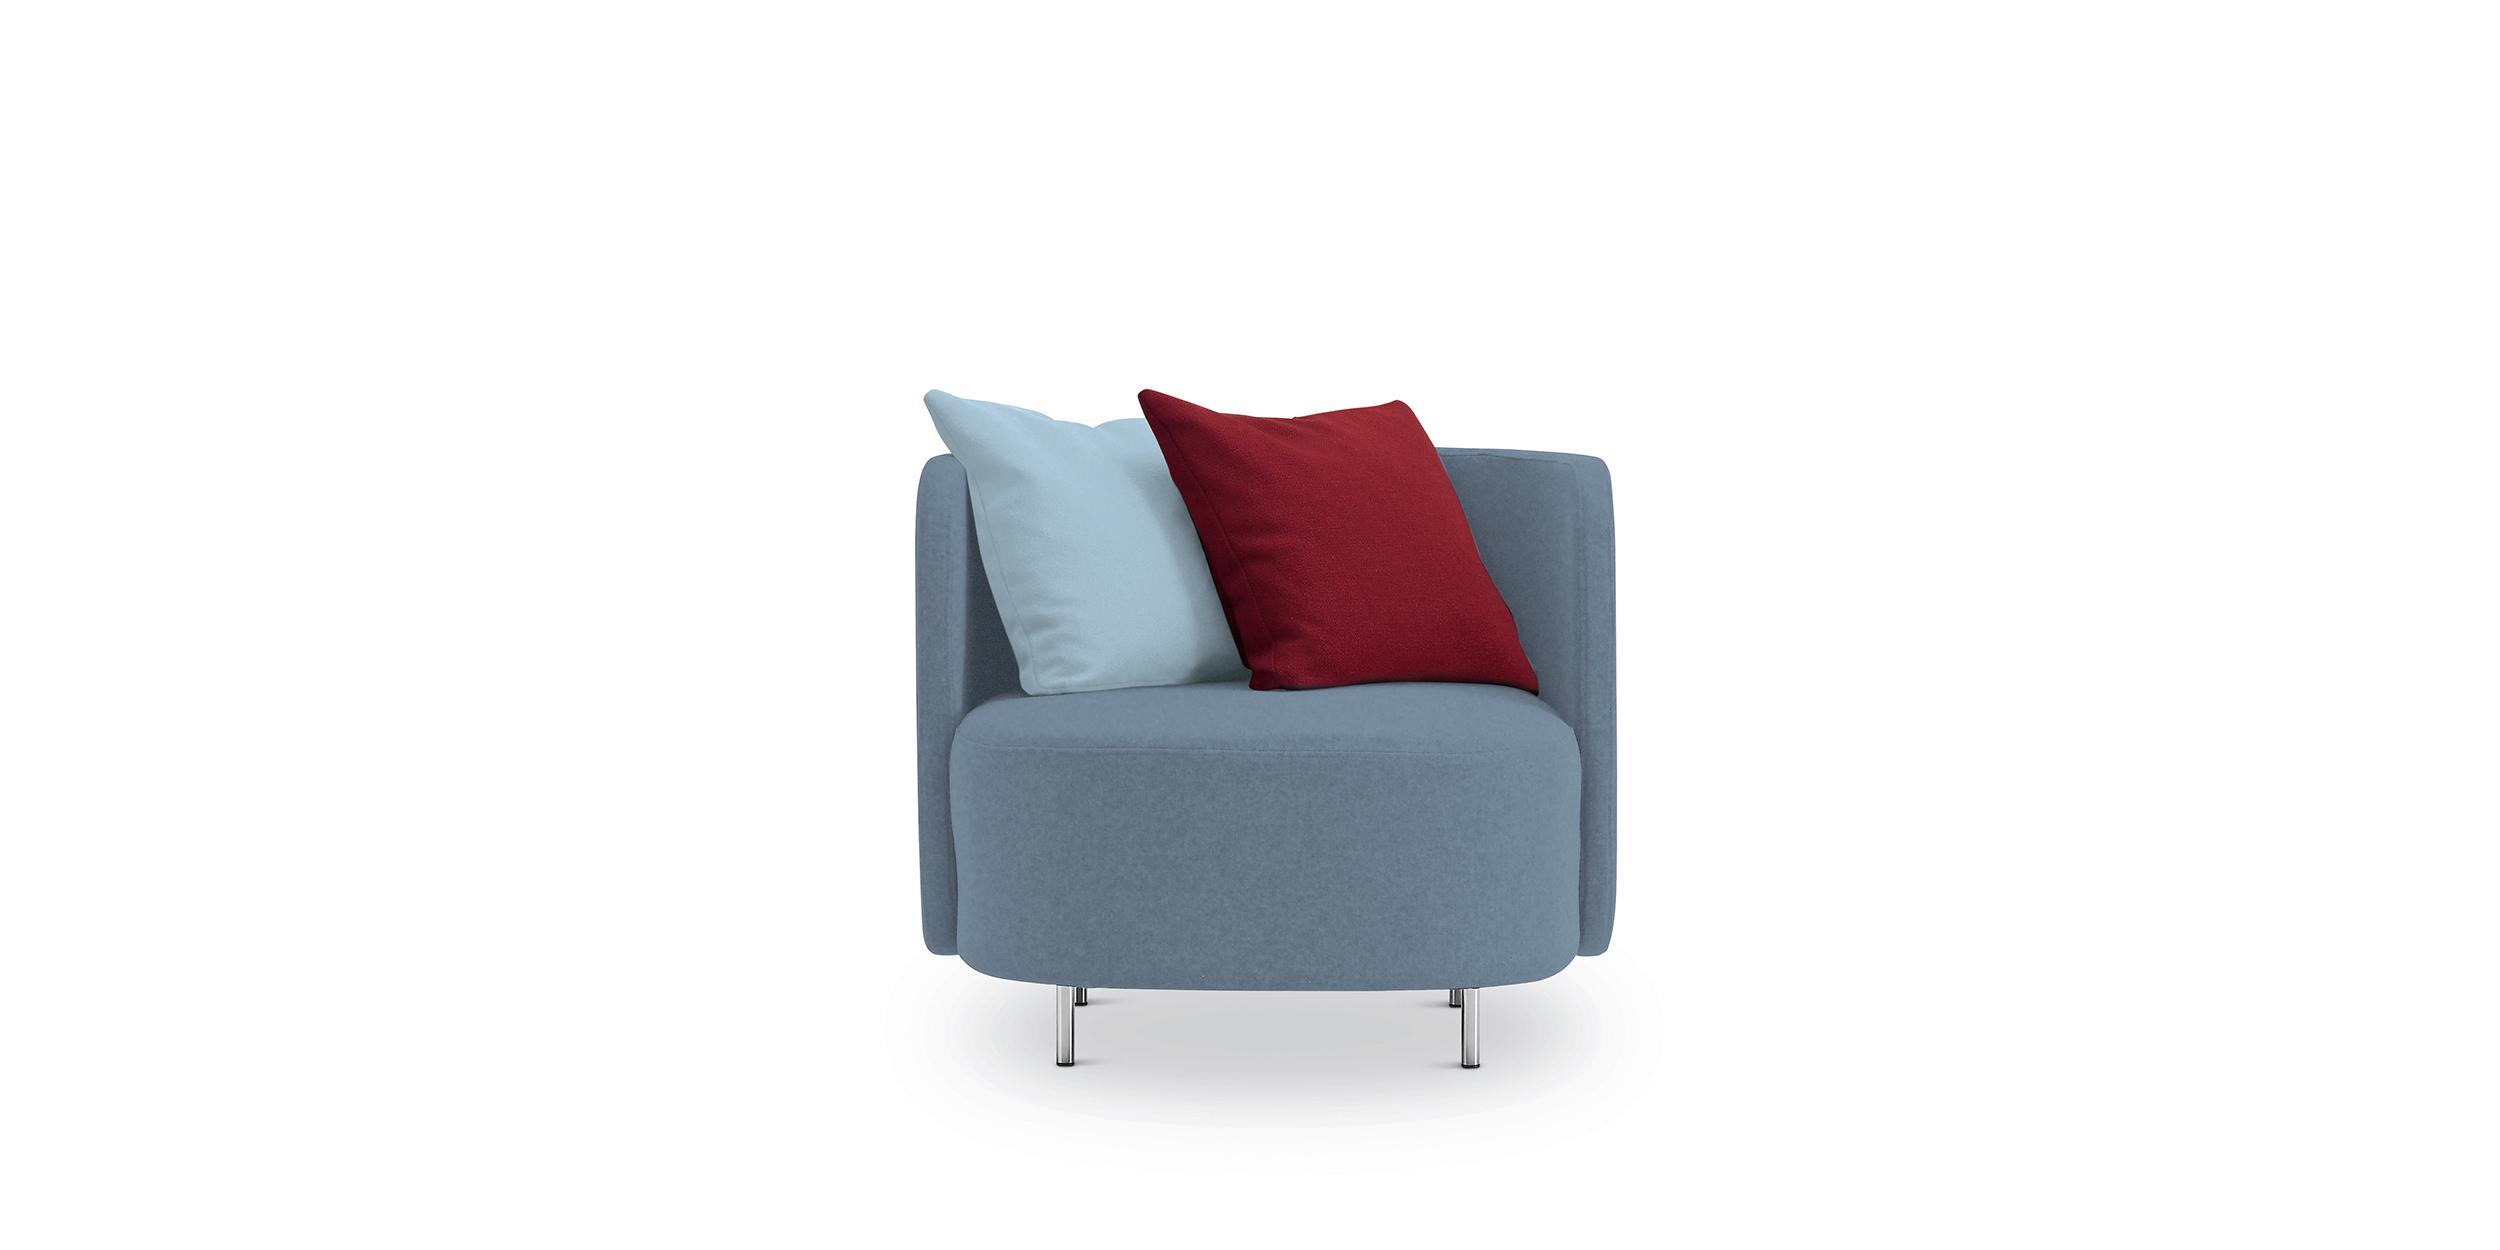 Minima, Easy chair by Claesson Koivisto Rune